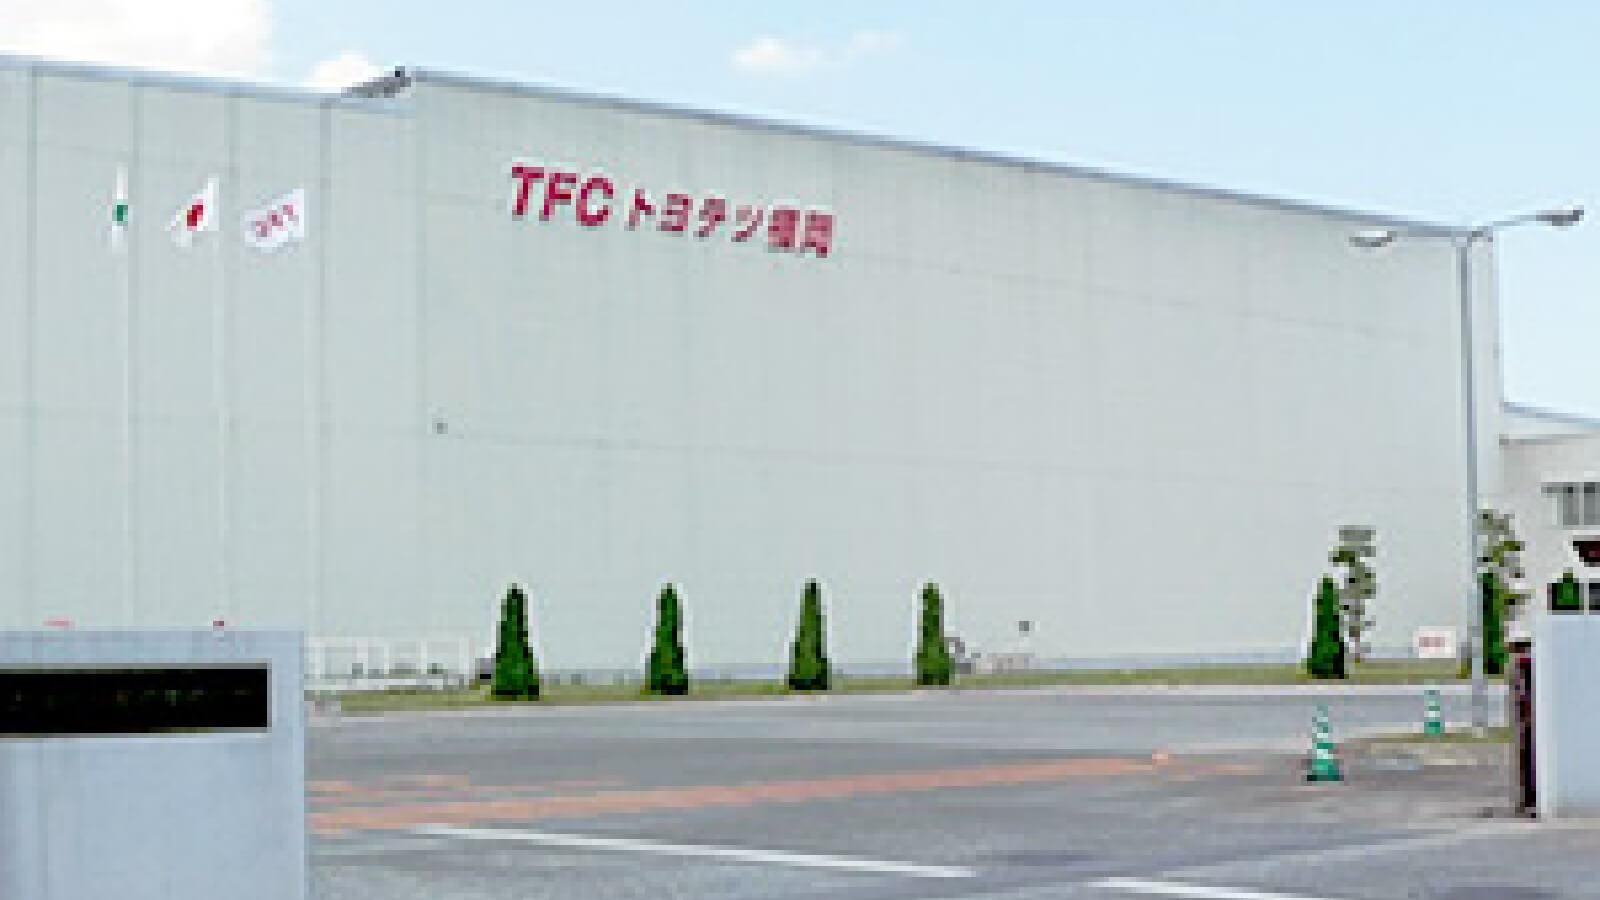 トヨテツ福岡株式会社